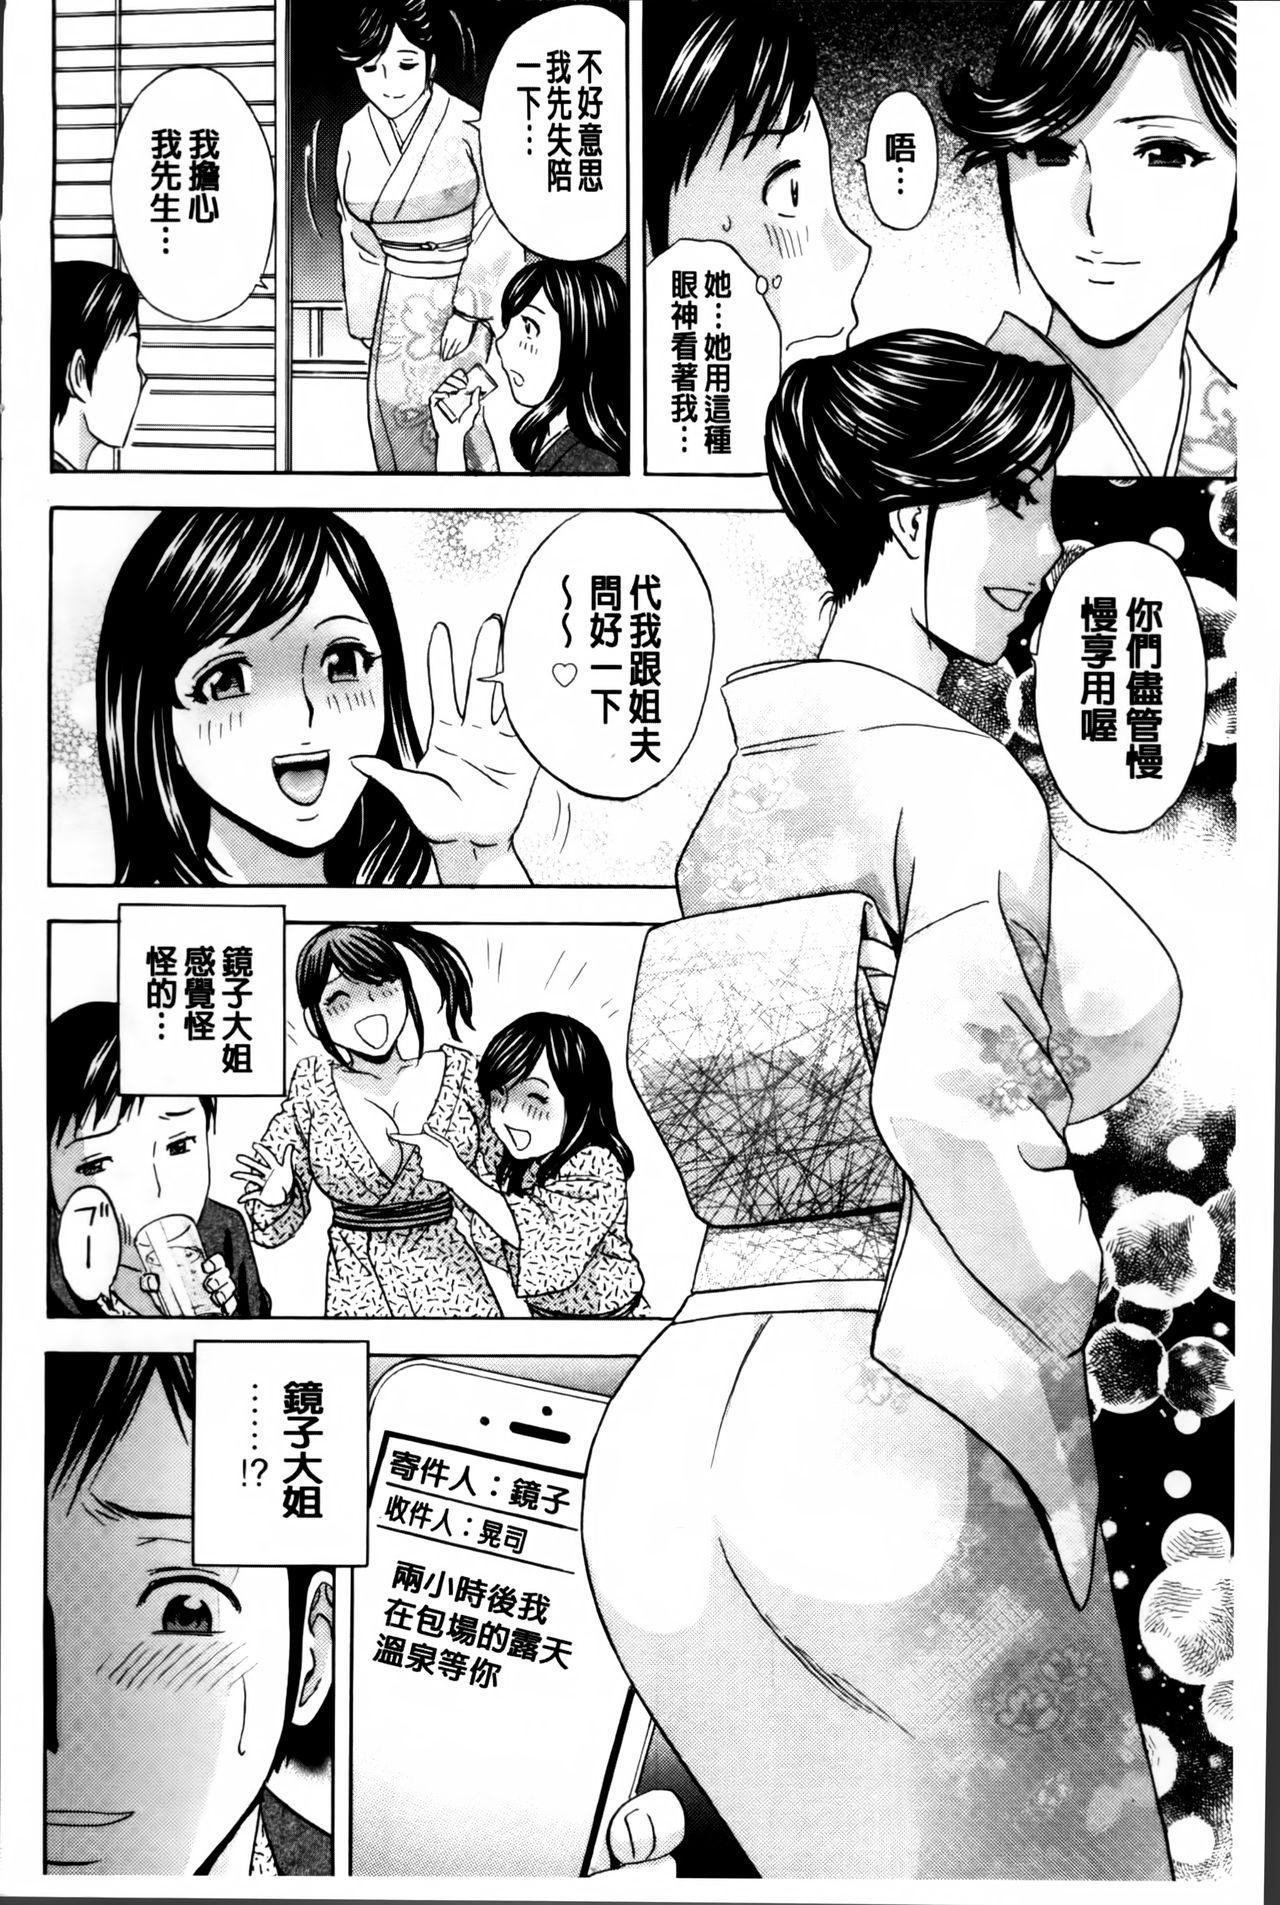 Midara Shimai Asobi 170